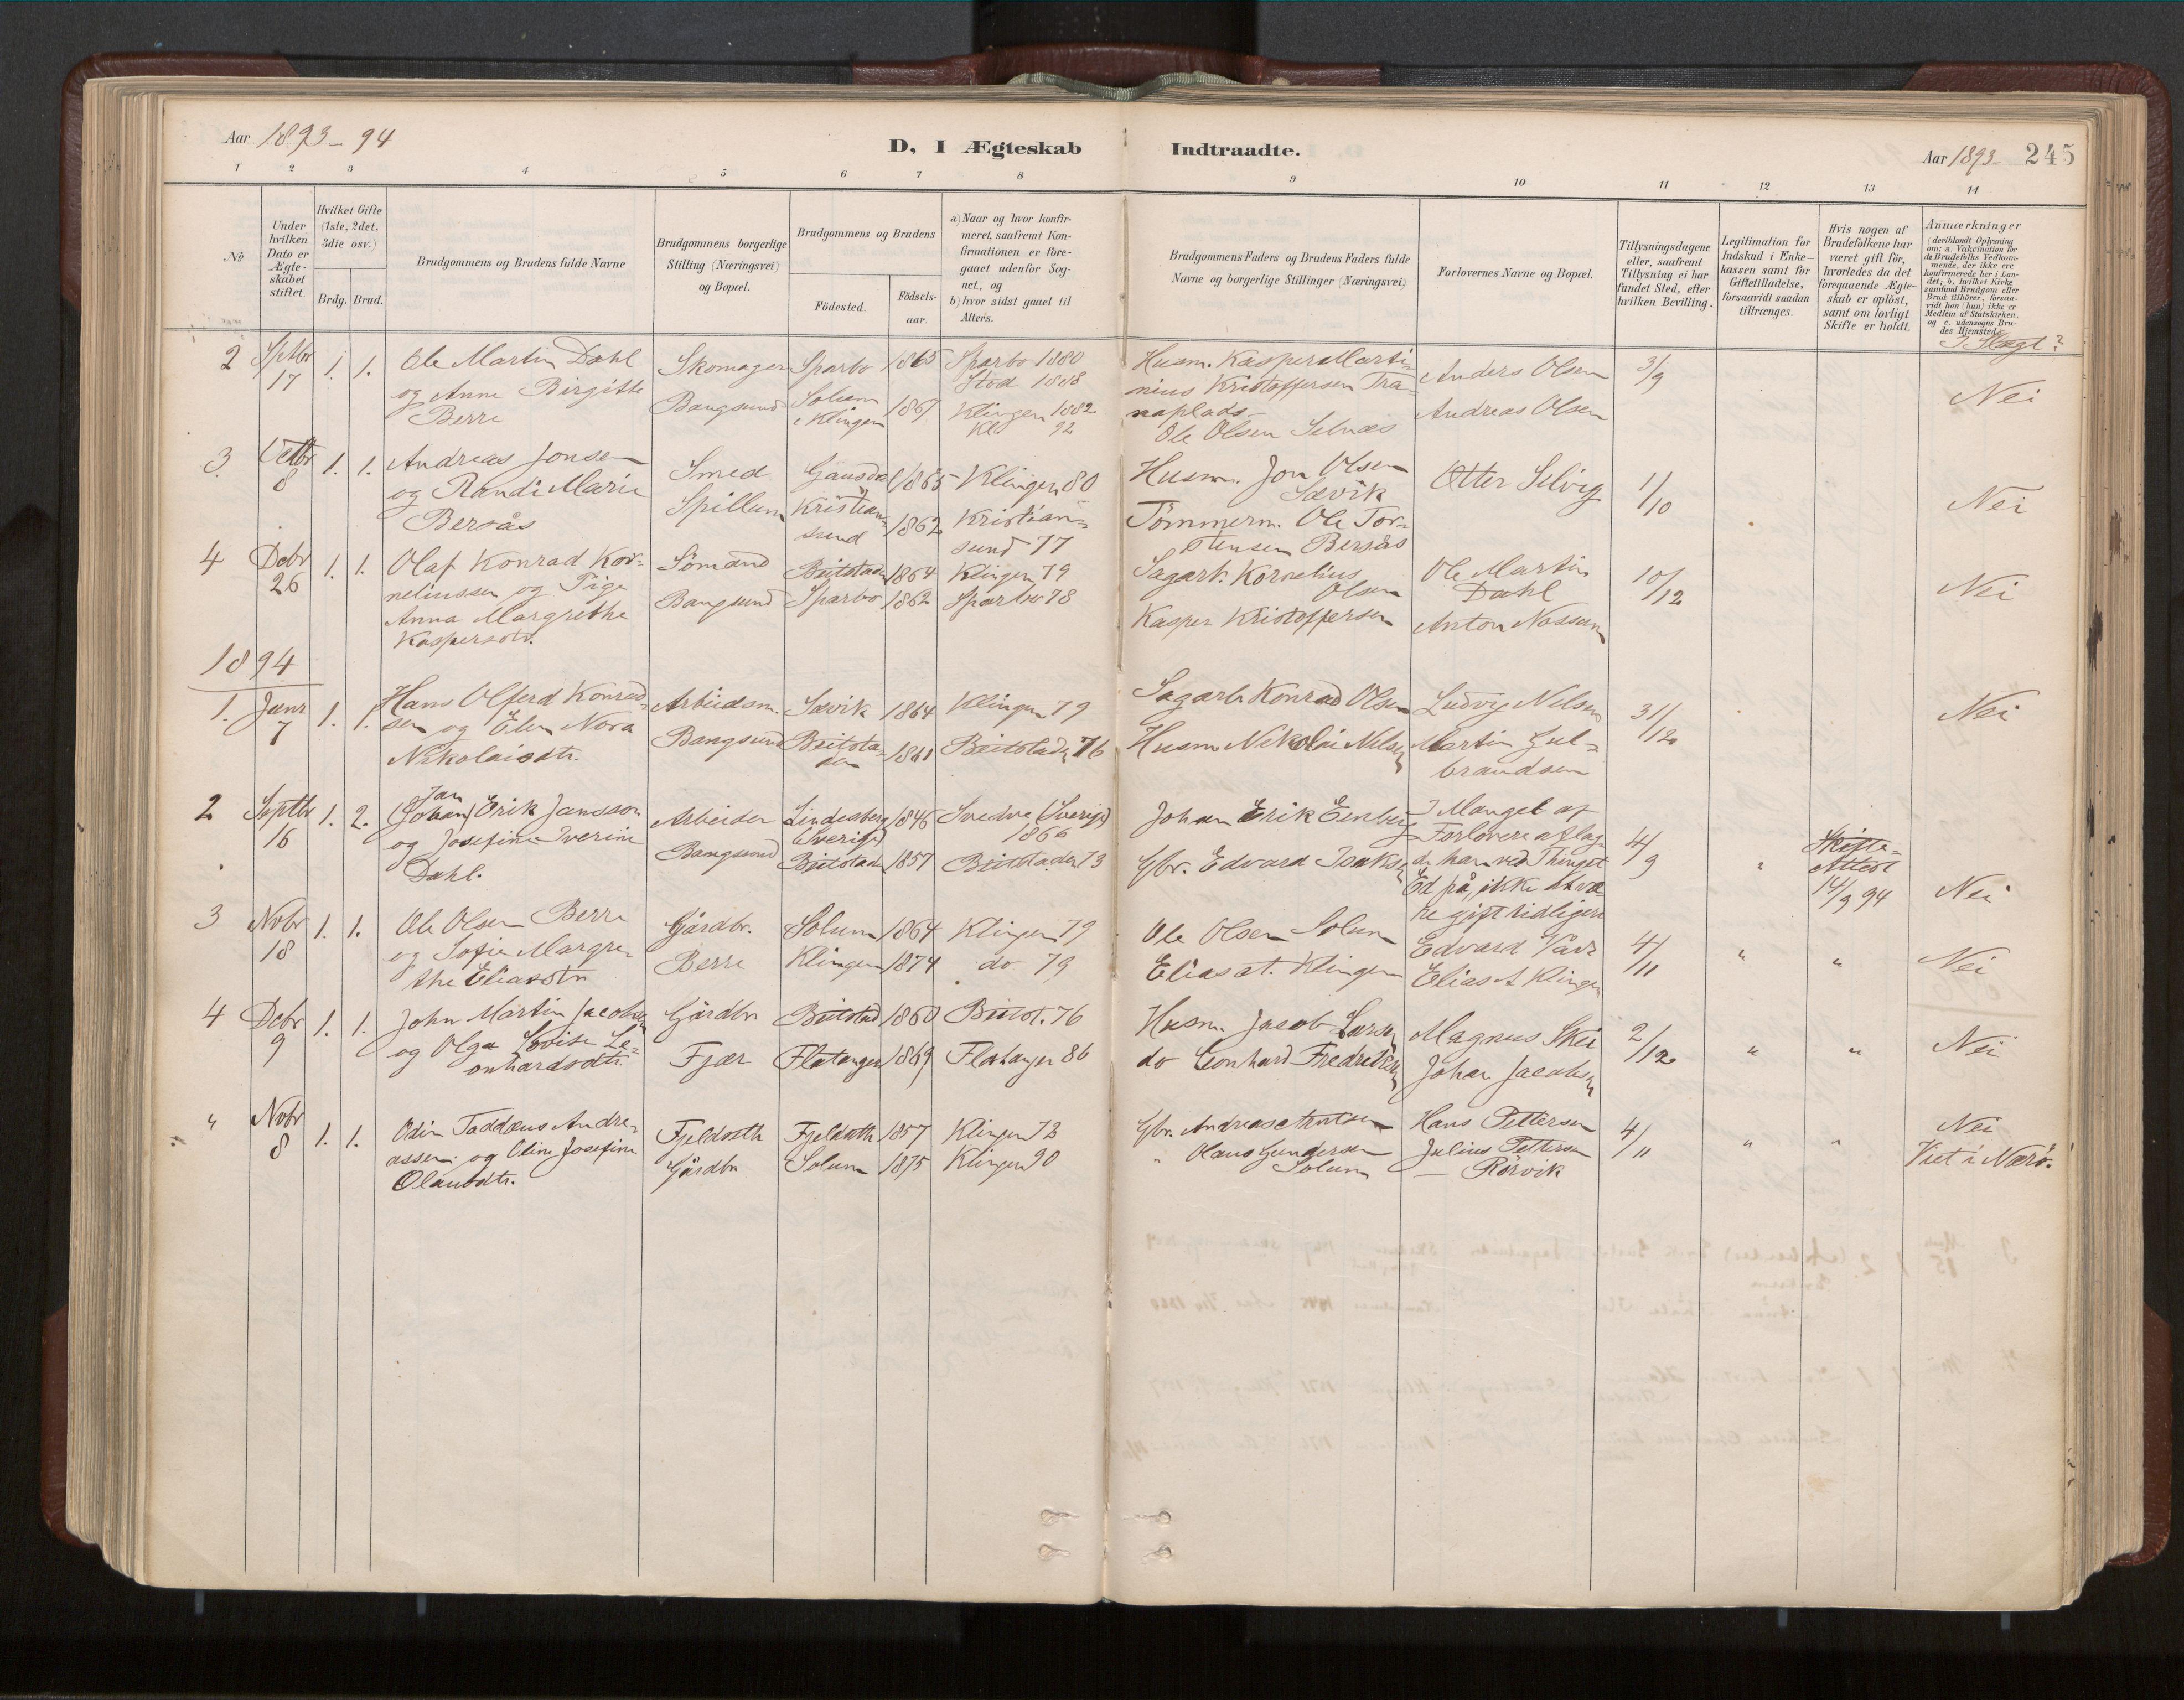 SAT, Ministerialprotokoller, klokkerbøker og fødselsregistre - Nord-Trøndelag, 770/L0589: Ministerialbok nr. 770A03, 1887-1929, s. 245